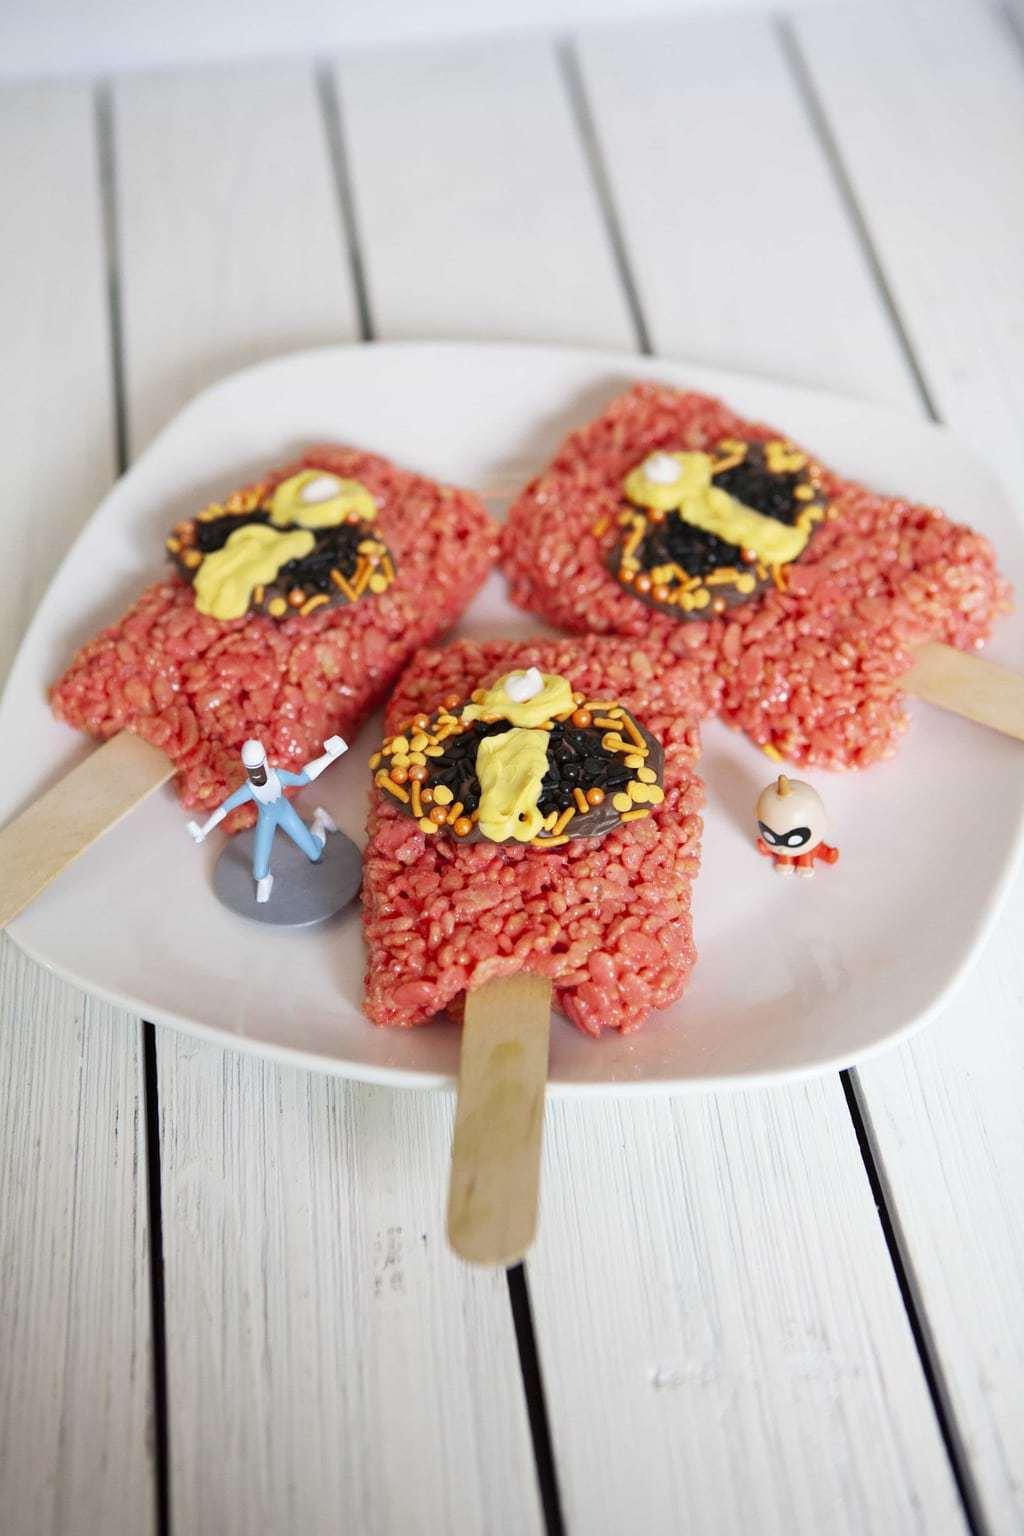 Incredibles 2 Recipe, Incredibles Rice Krispy Pops, Rice Krispy Recipes, Incredible 2 Movie Recipes